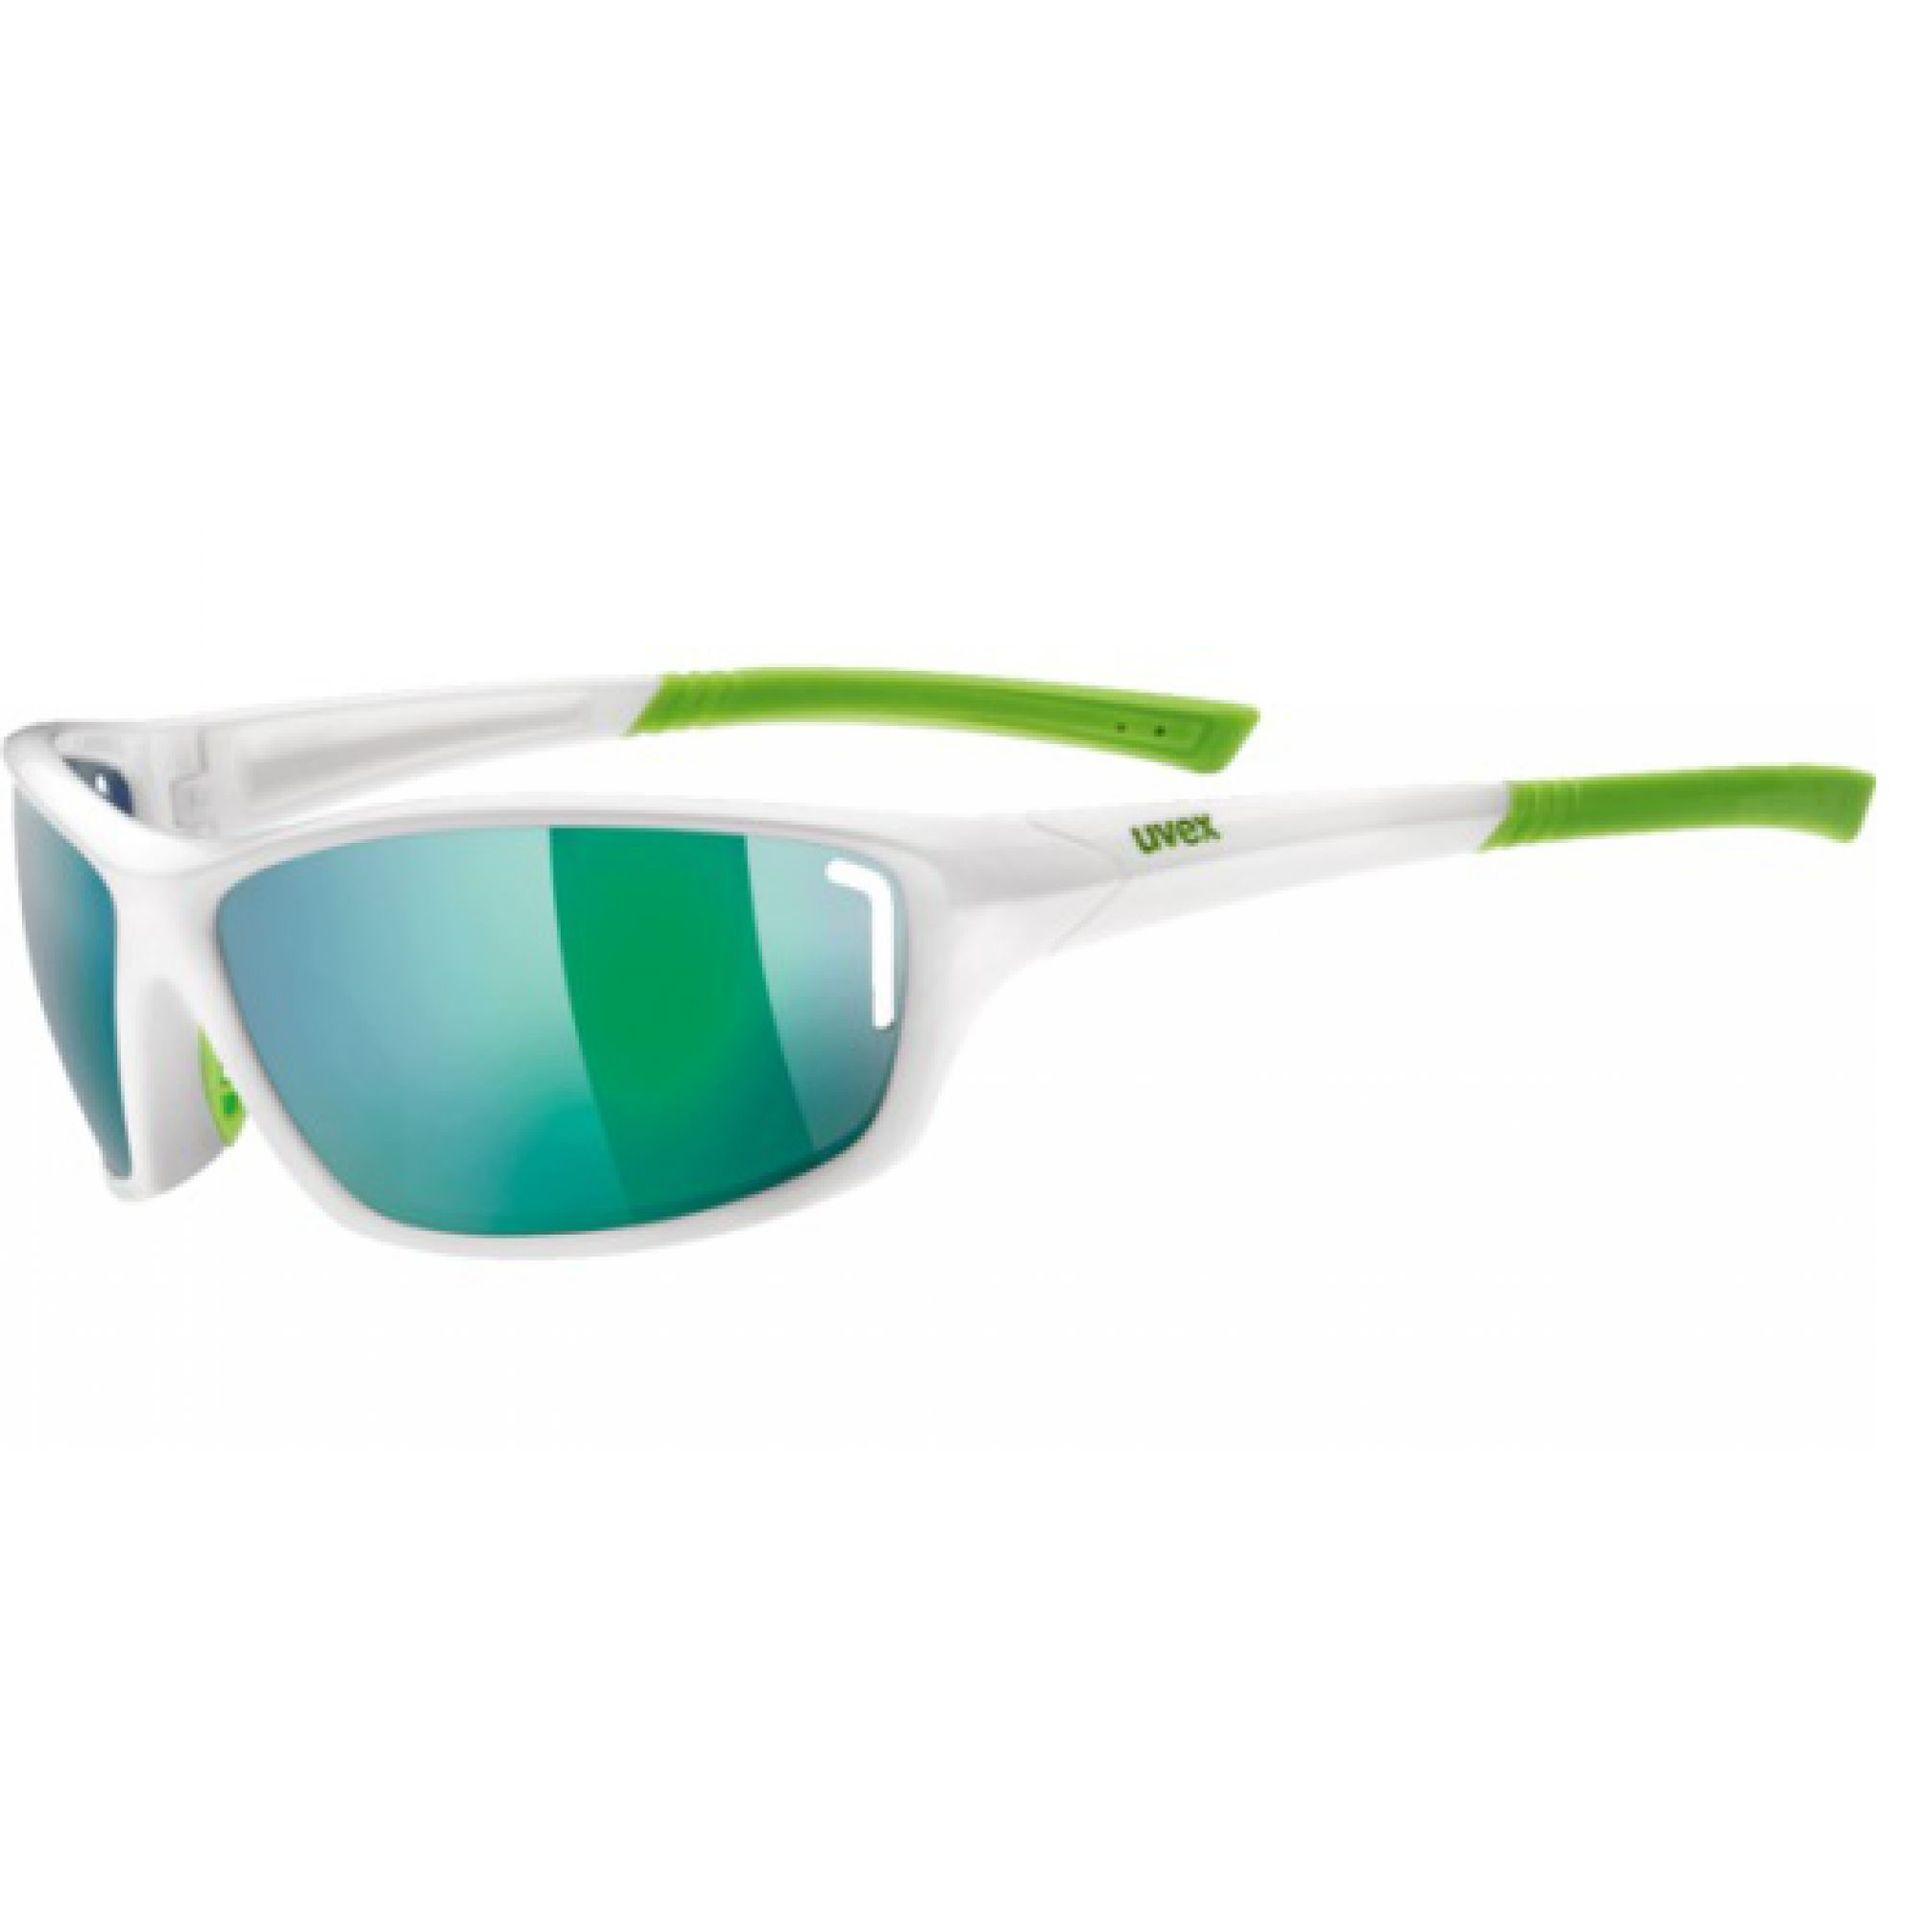 OKULARY UVEX SPORTSTYLE 210 WHITE GREEN